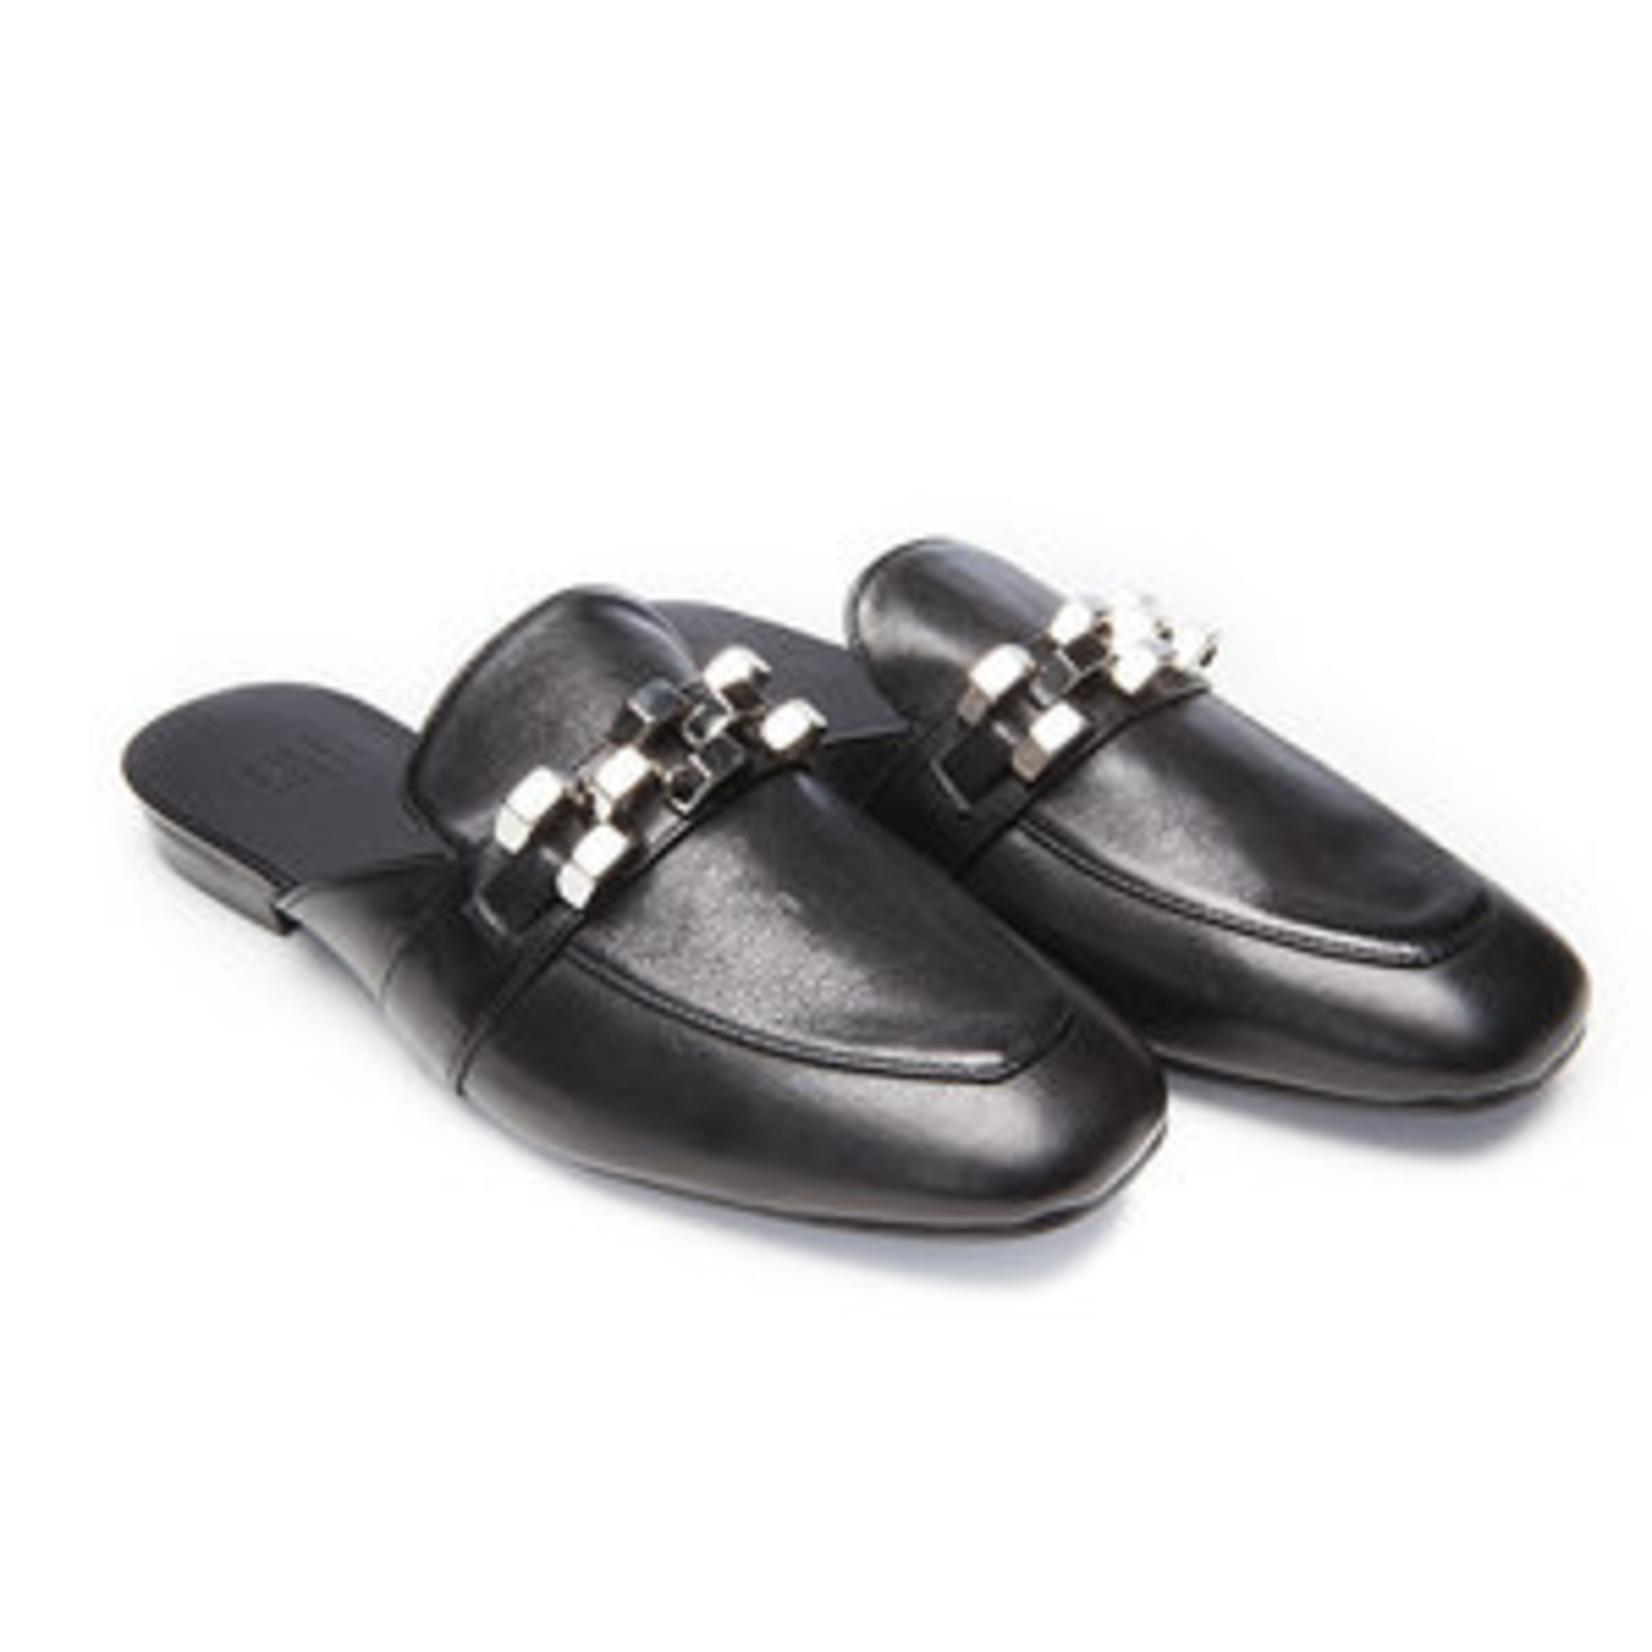 Billi B Slide loafer